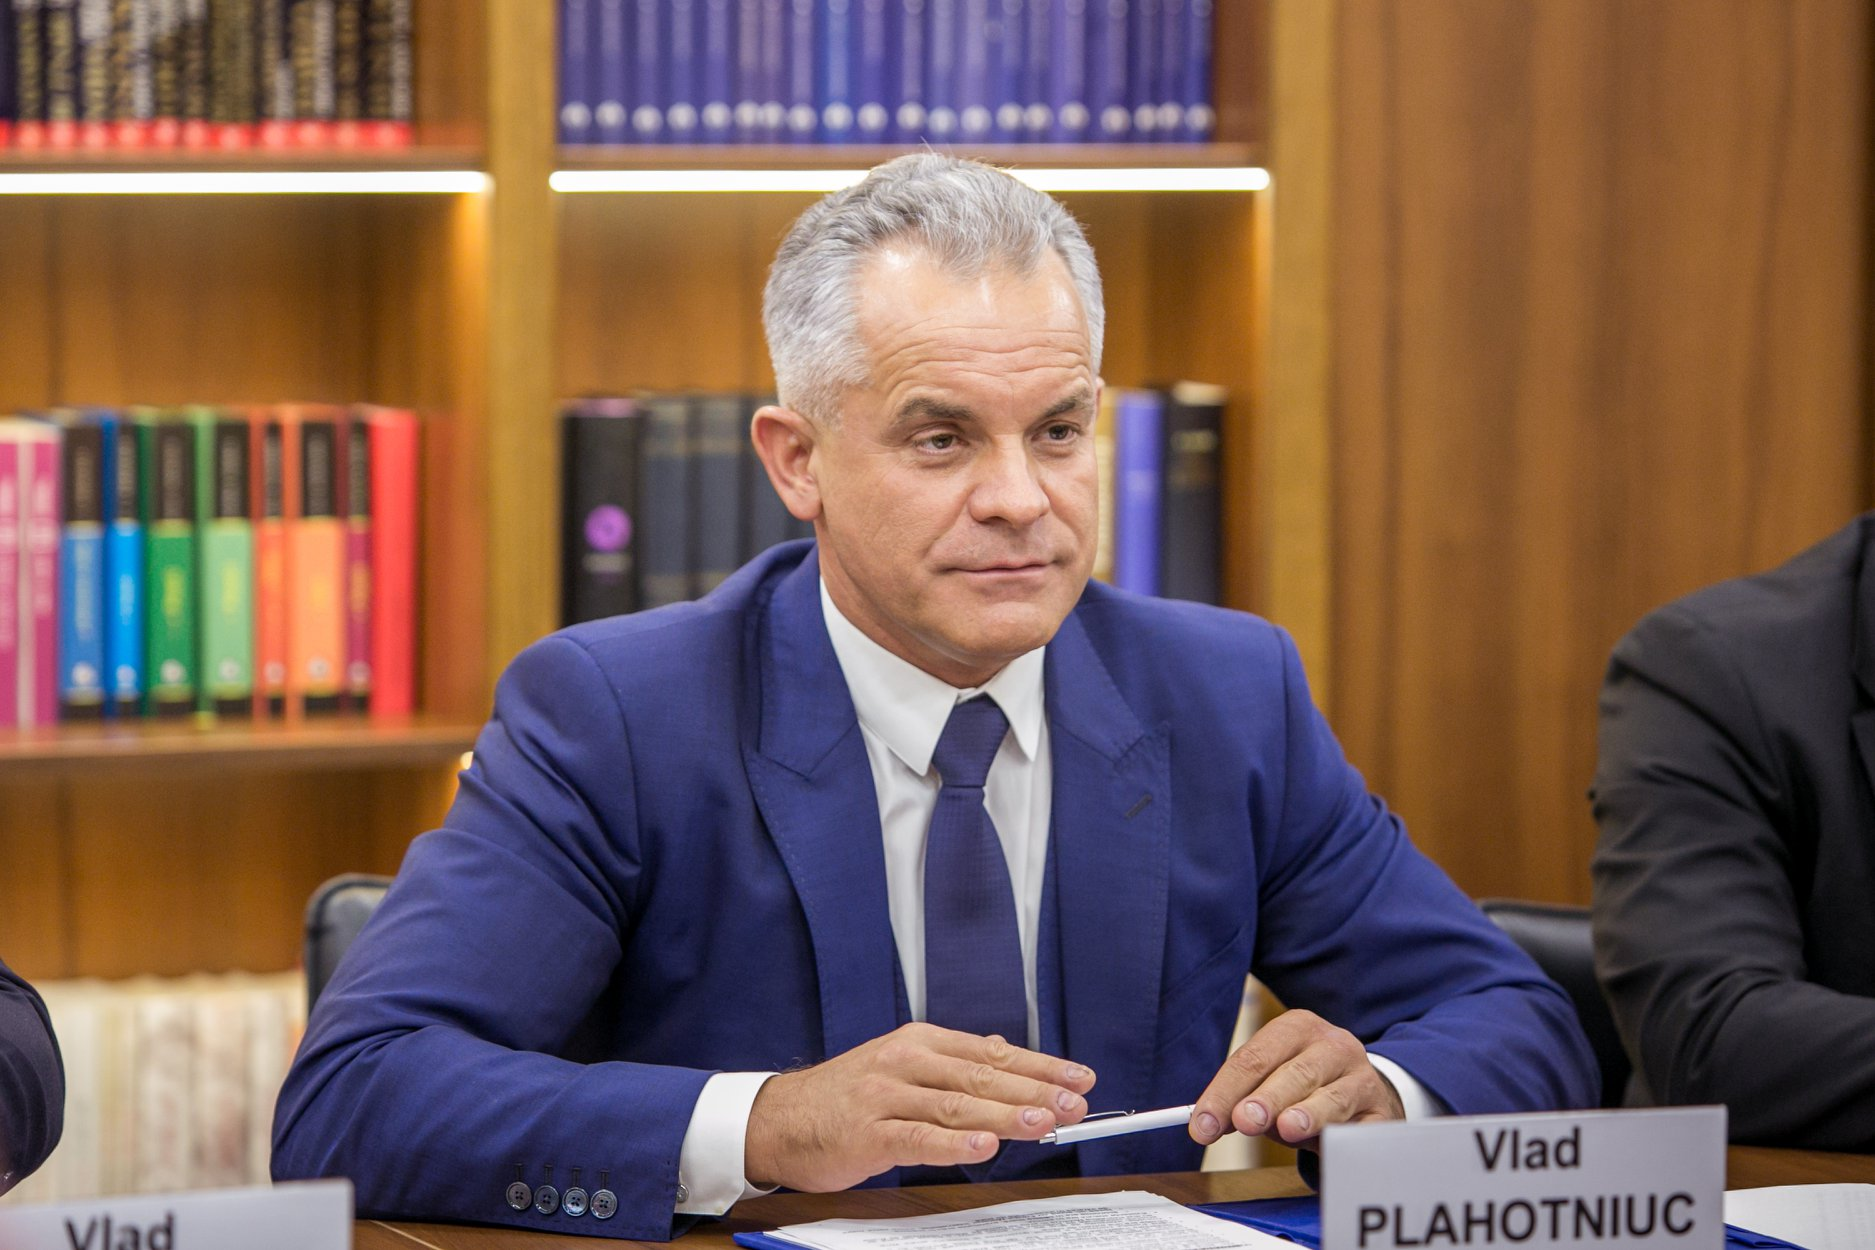 Vlad Plahotniuc şi familia sa au primit interdicţie de intrare în SUA